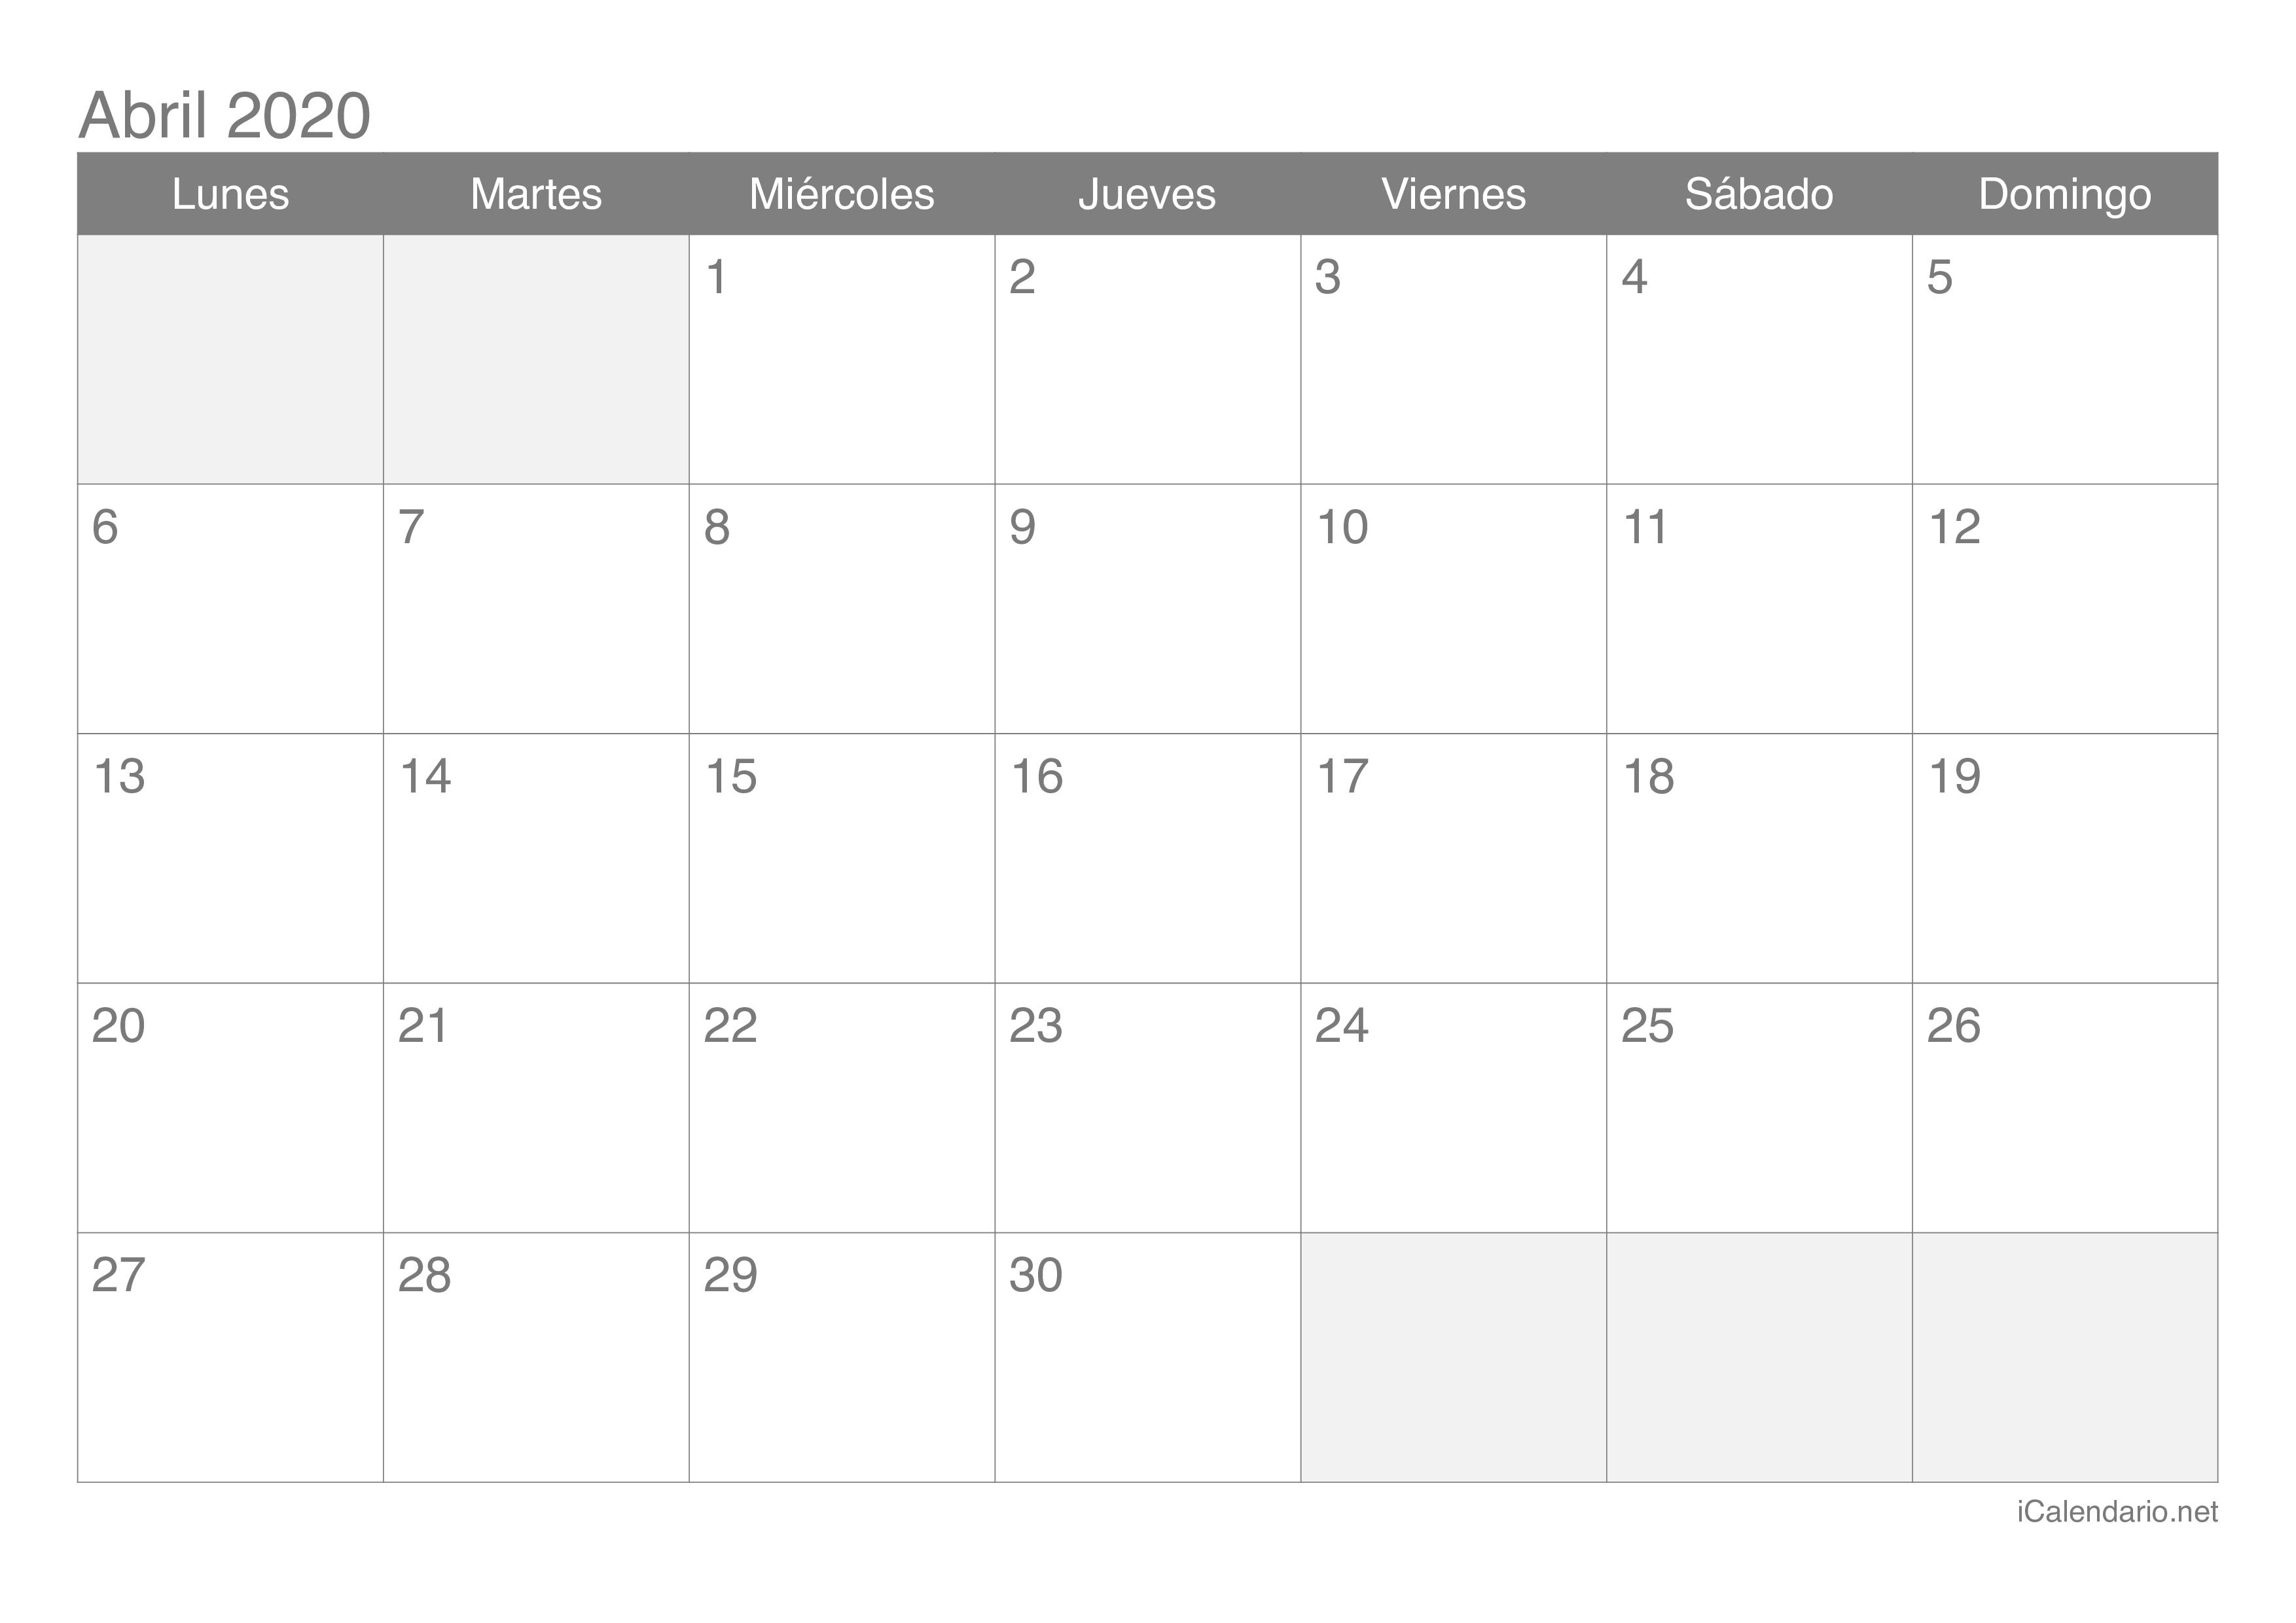 Calendario Abril 2020 Para Imprimir  Icalendario inside Calendario 2015 Para Imprimir